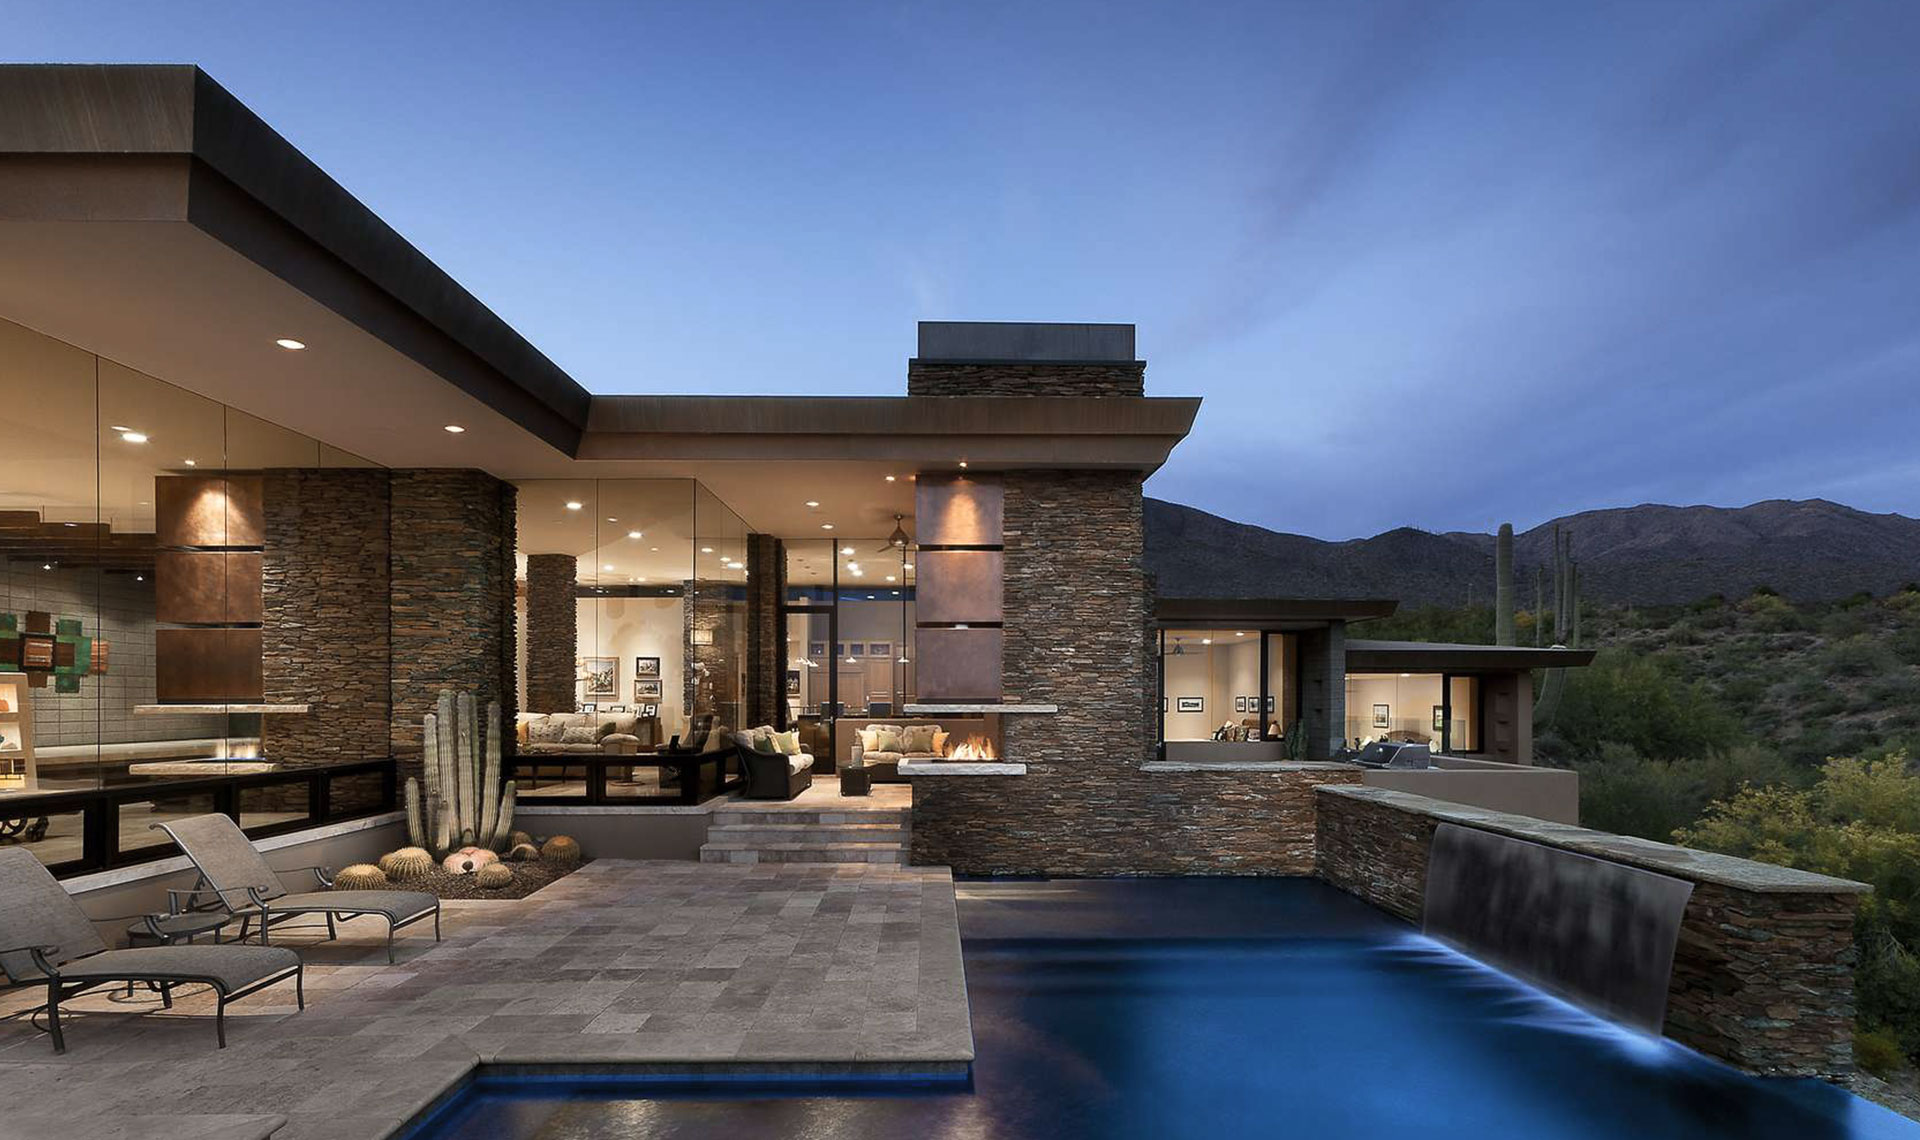 Дизайн современного дома снаружи и внутри